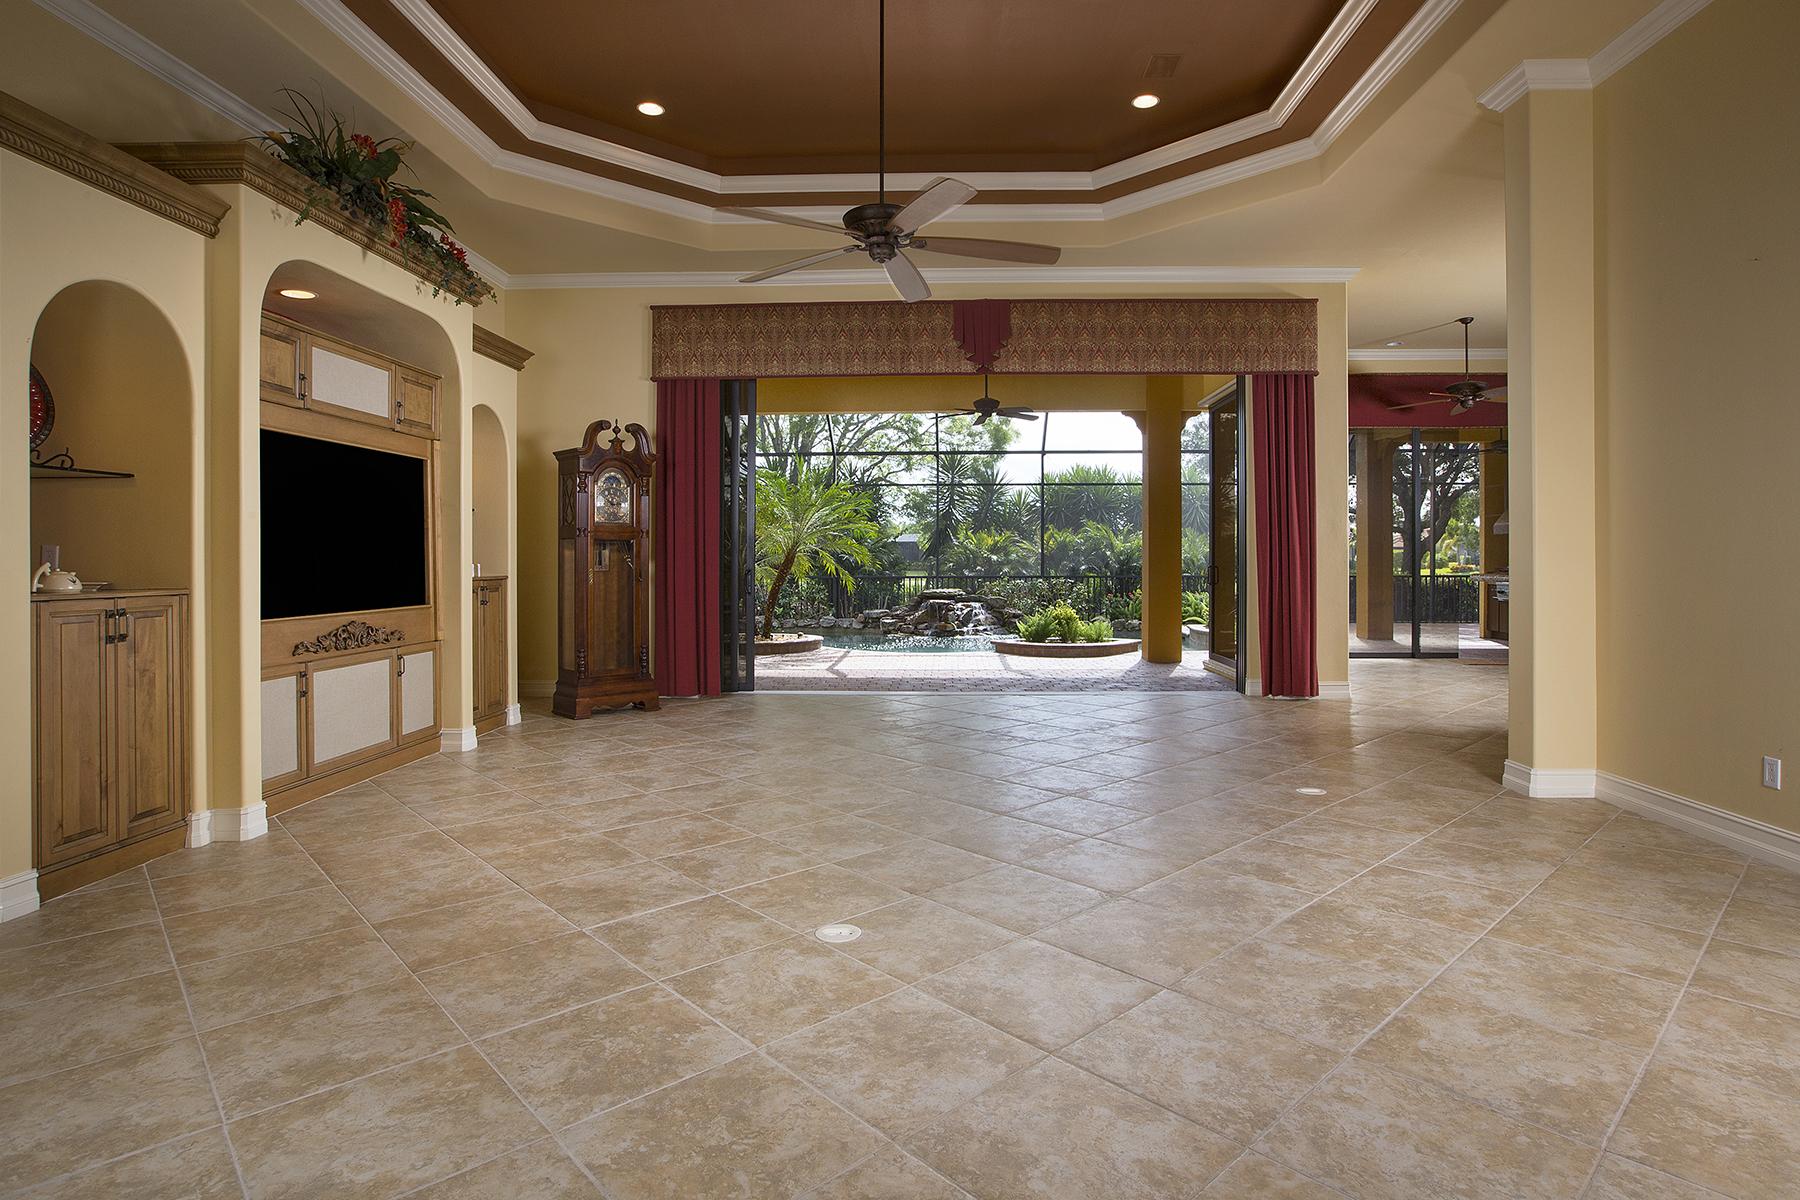 独户住宅 为 销售 在 AVIETO - PALMIRA GOLF AND COUNTRY CLUB 28535 Raffini Ln 博尼塔温泉, 佛罗里达州 34135 美国